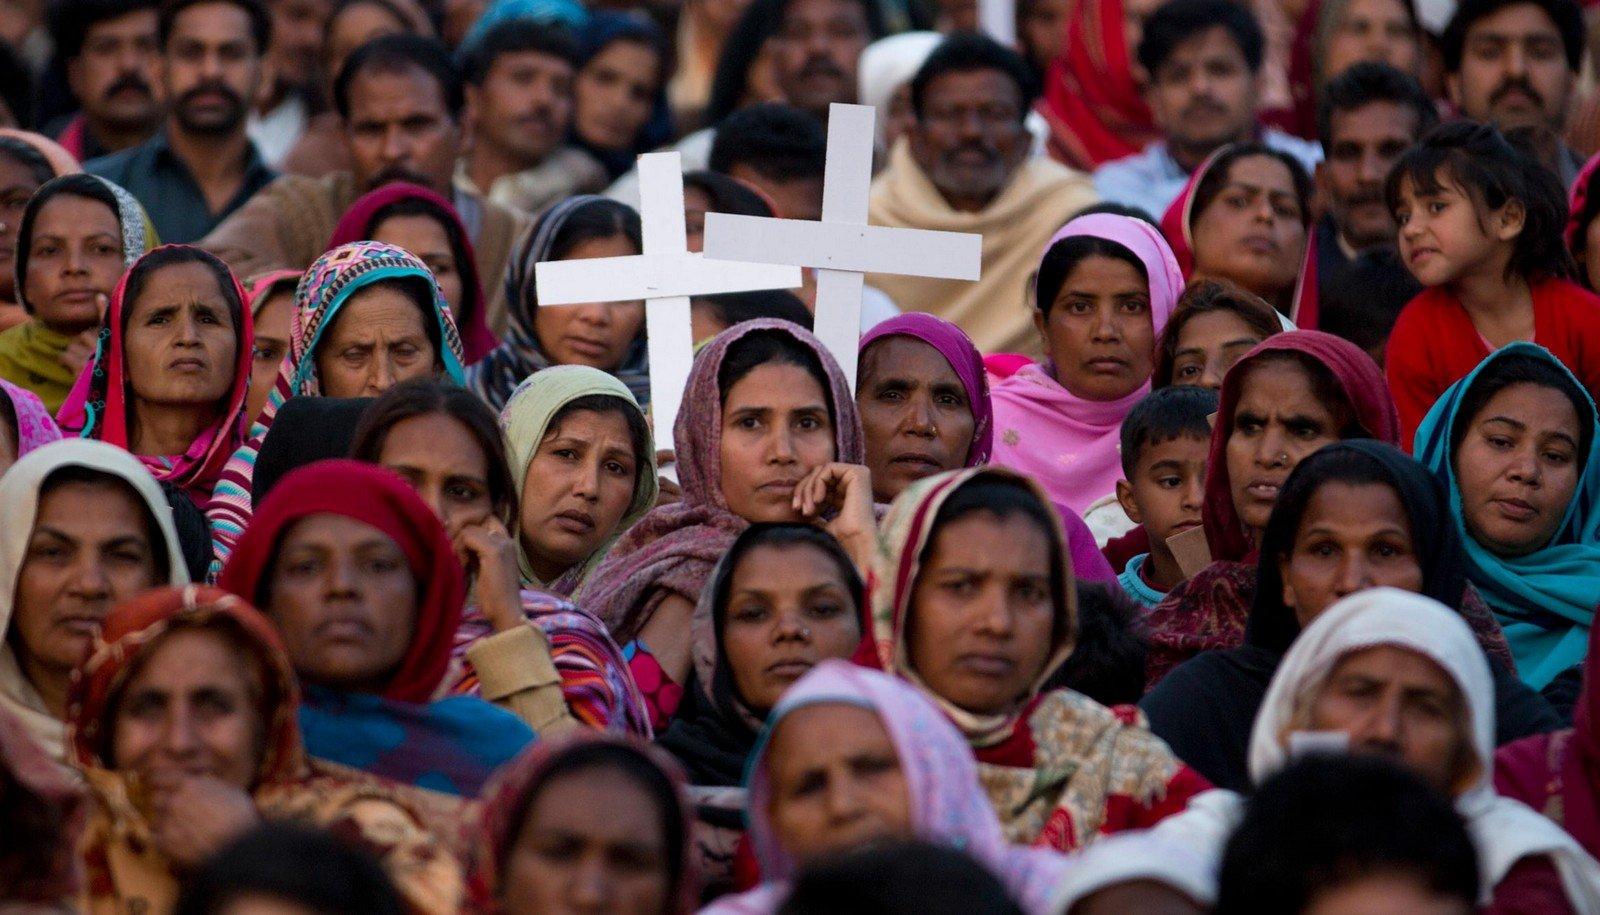 Demasiados cristianos perseguidos solo por el hecho de serlo